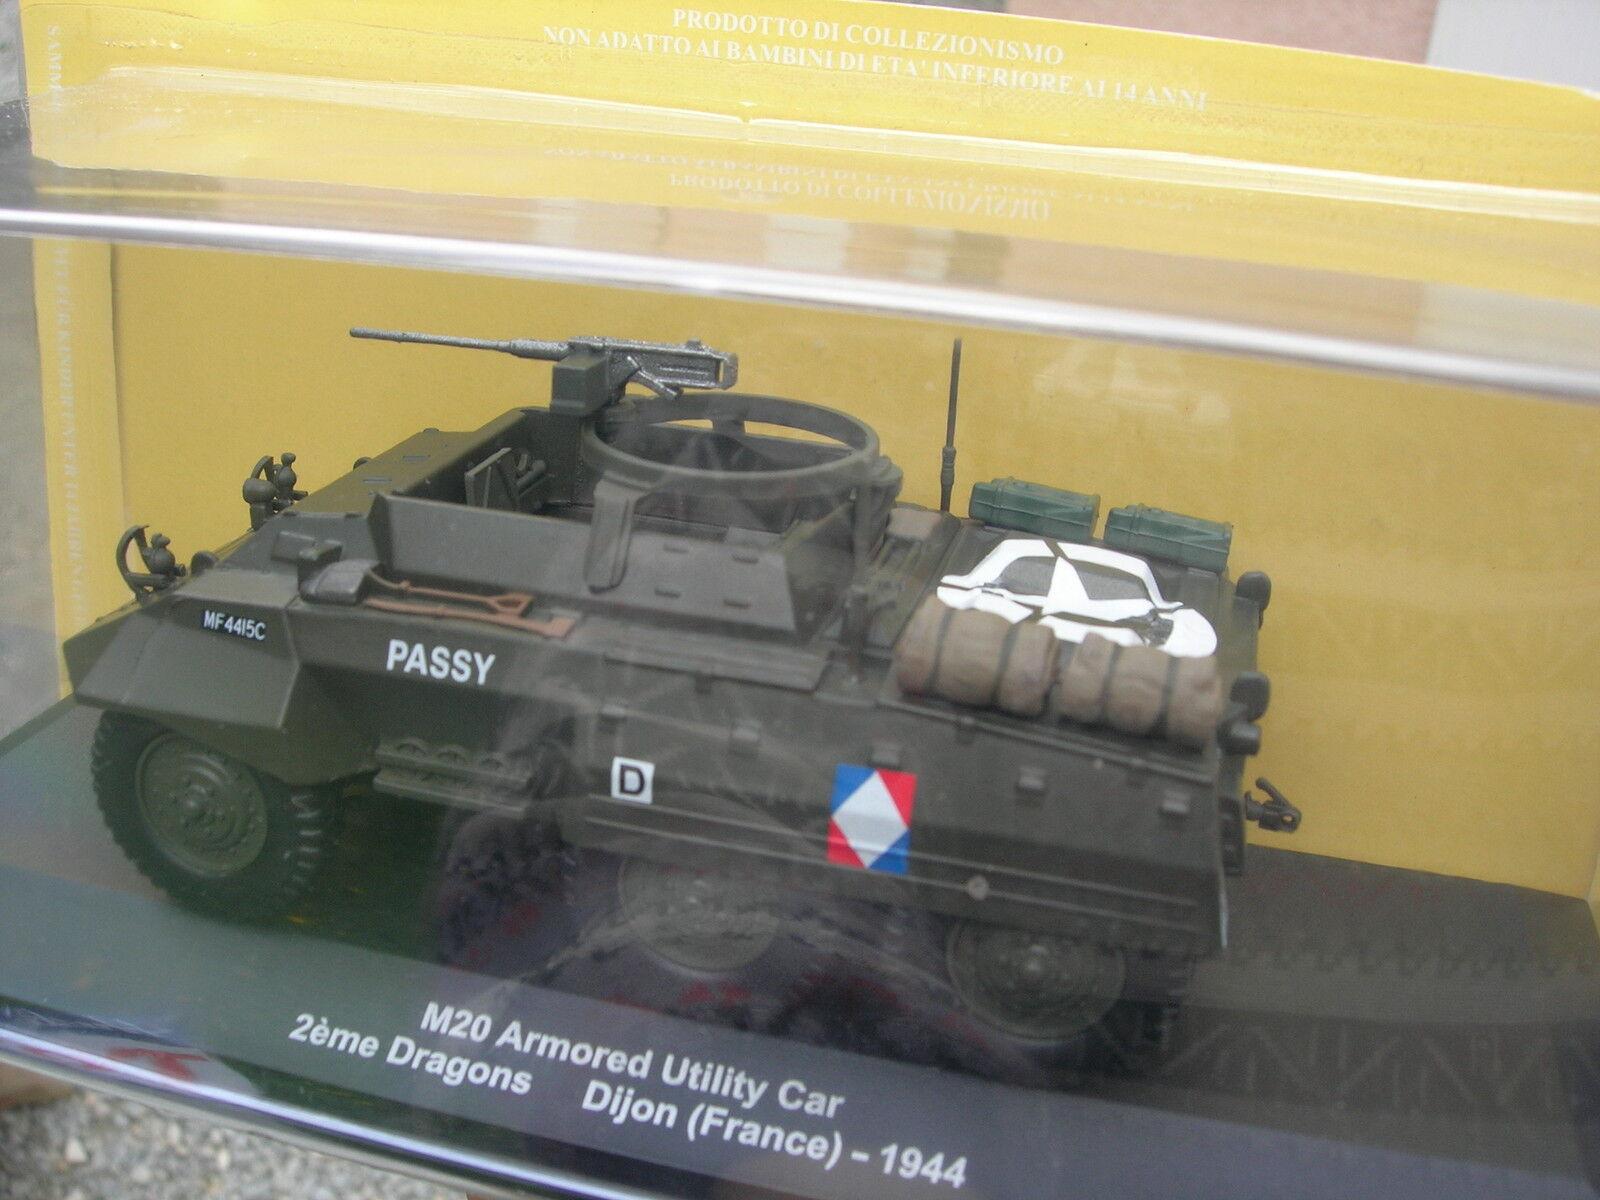 EAGLEMOSS 1 43 MILITAIRE Vehicule Blindé M20 6X6 2eme dragons 1944 DIJON